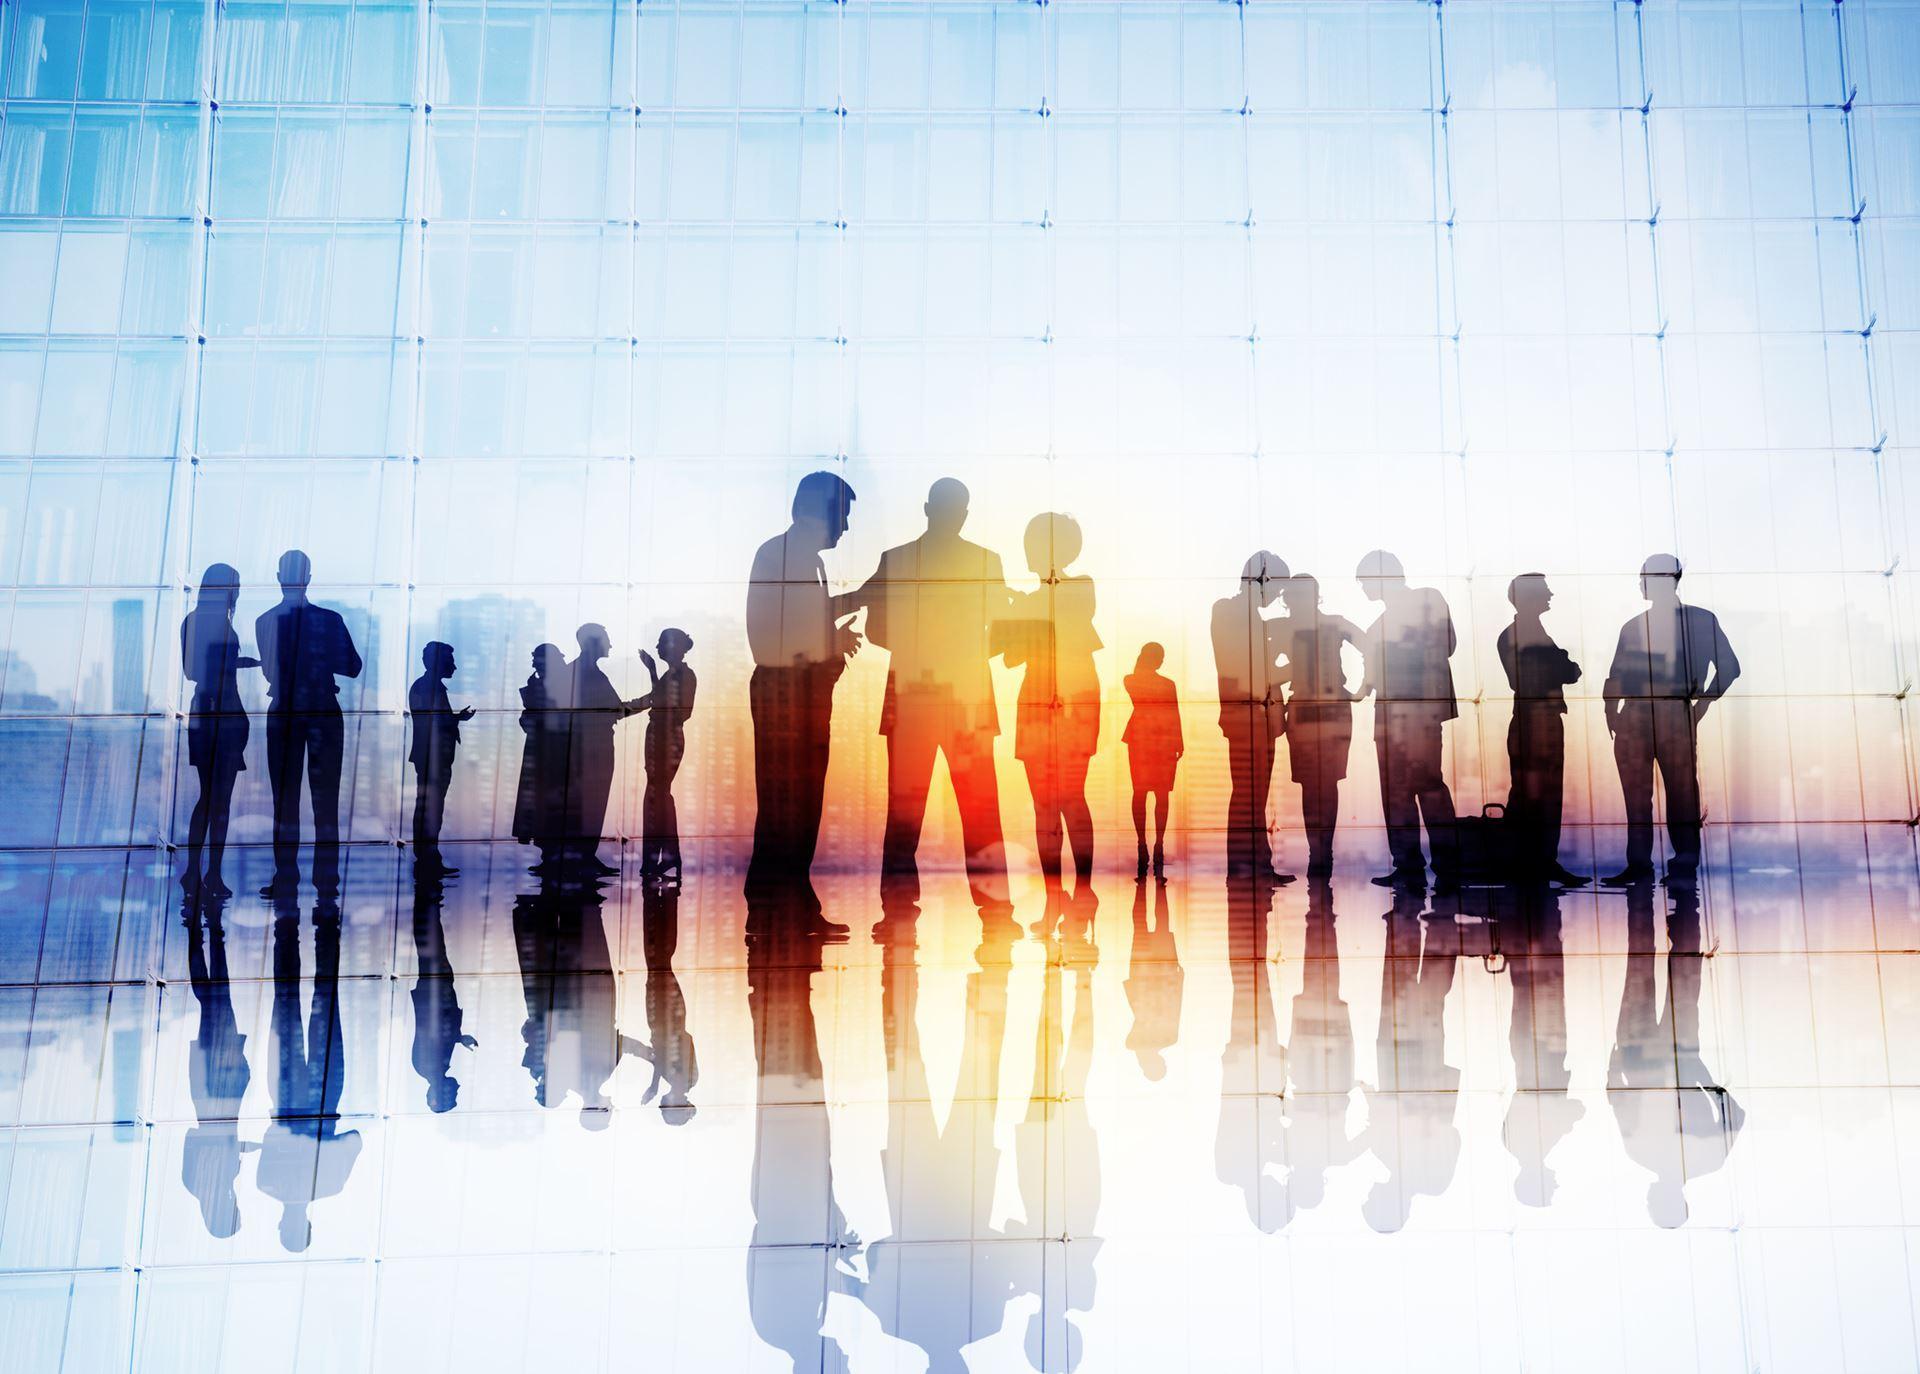 КОМАНДНАЯ ИГРА: Центр профессионального развития и Jansen Capital Management запускает новую Программу развития по эффективному формированию команд